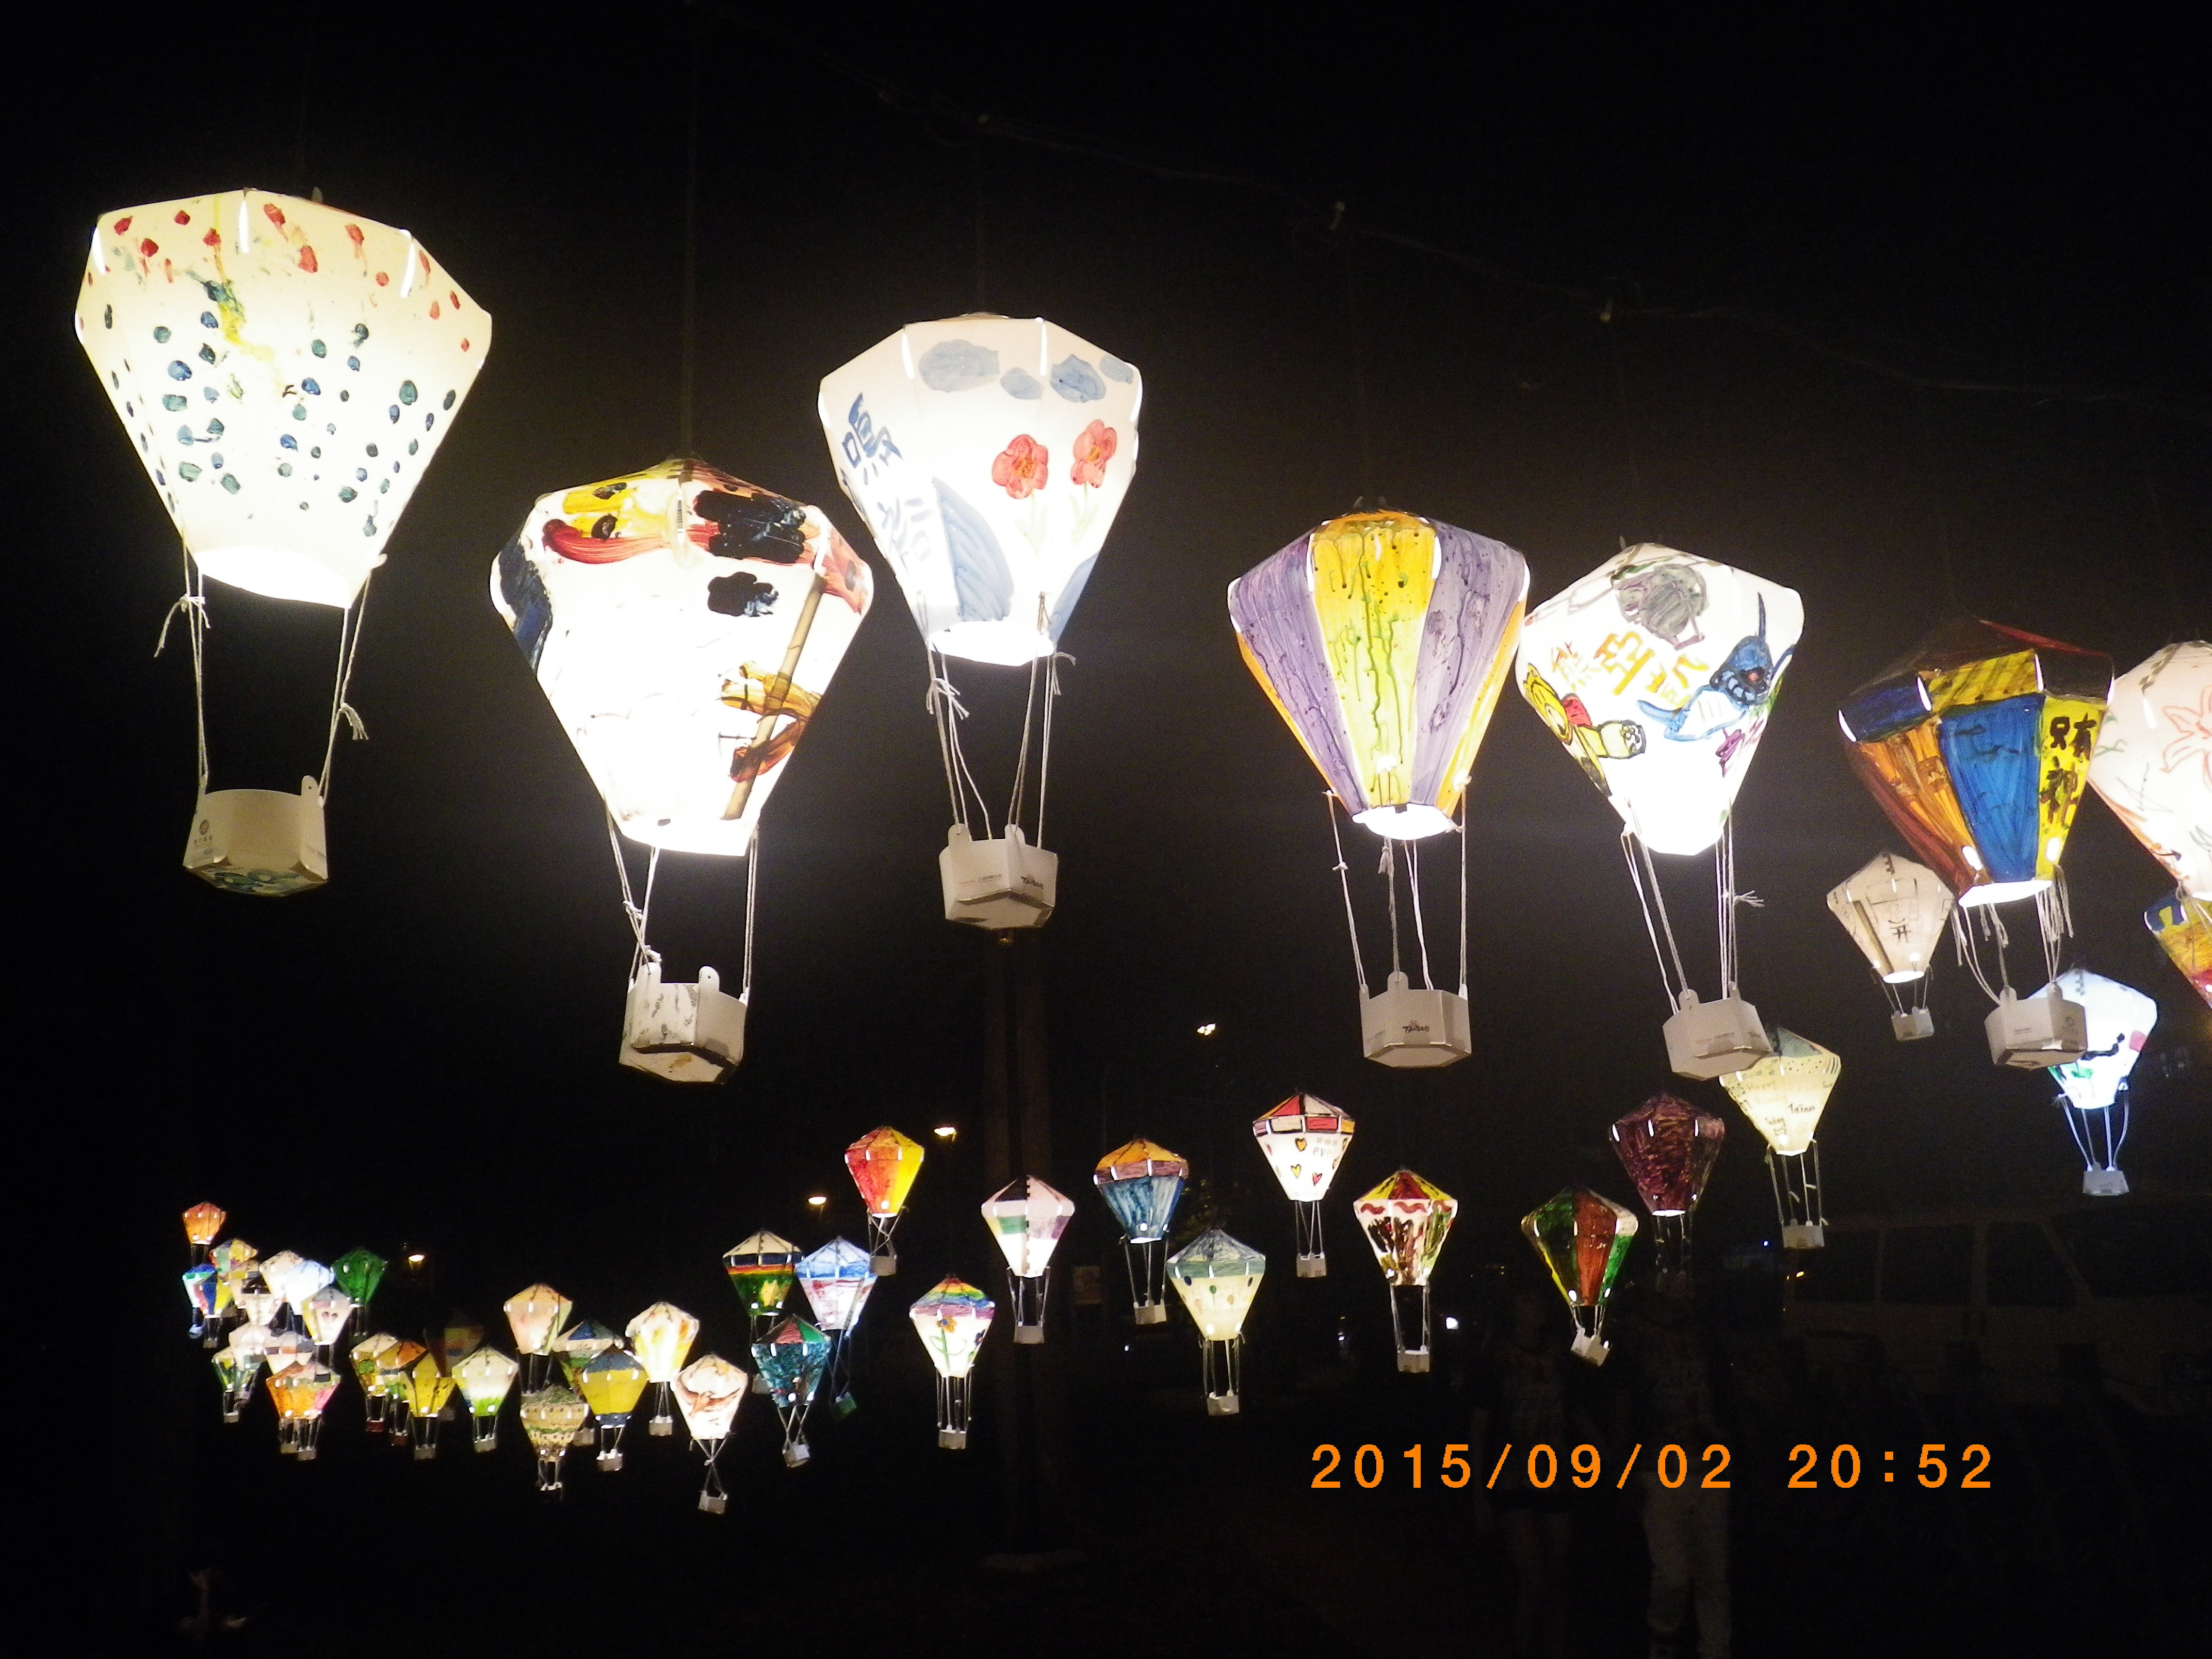 铁花村有纸糊的热气球展示,很上照.